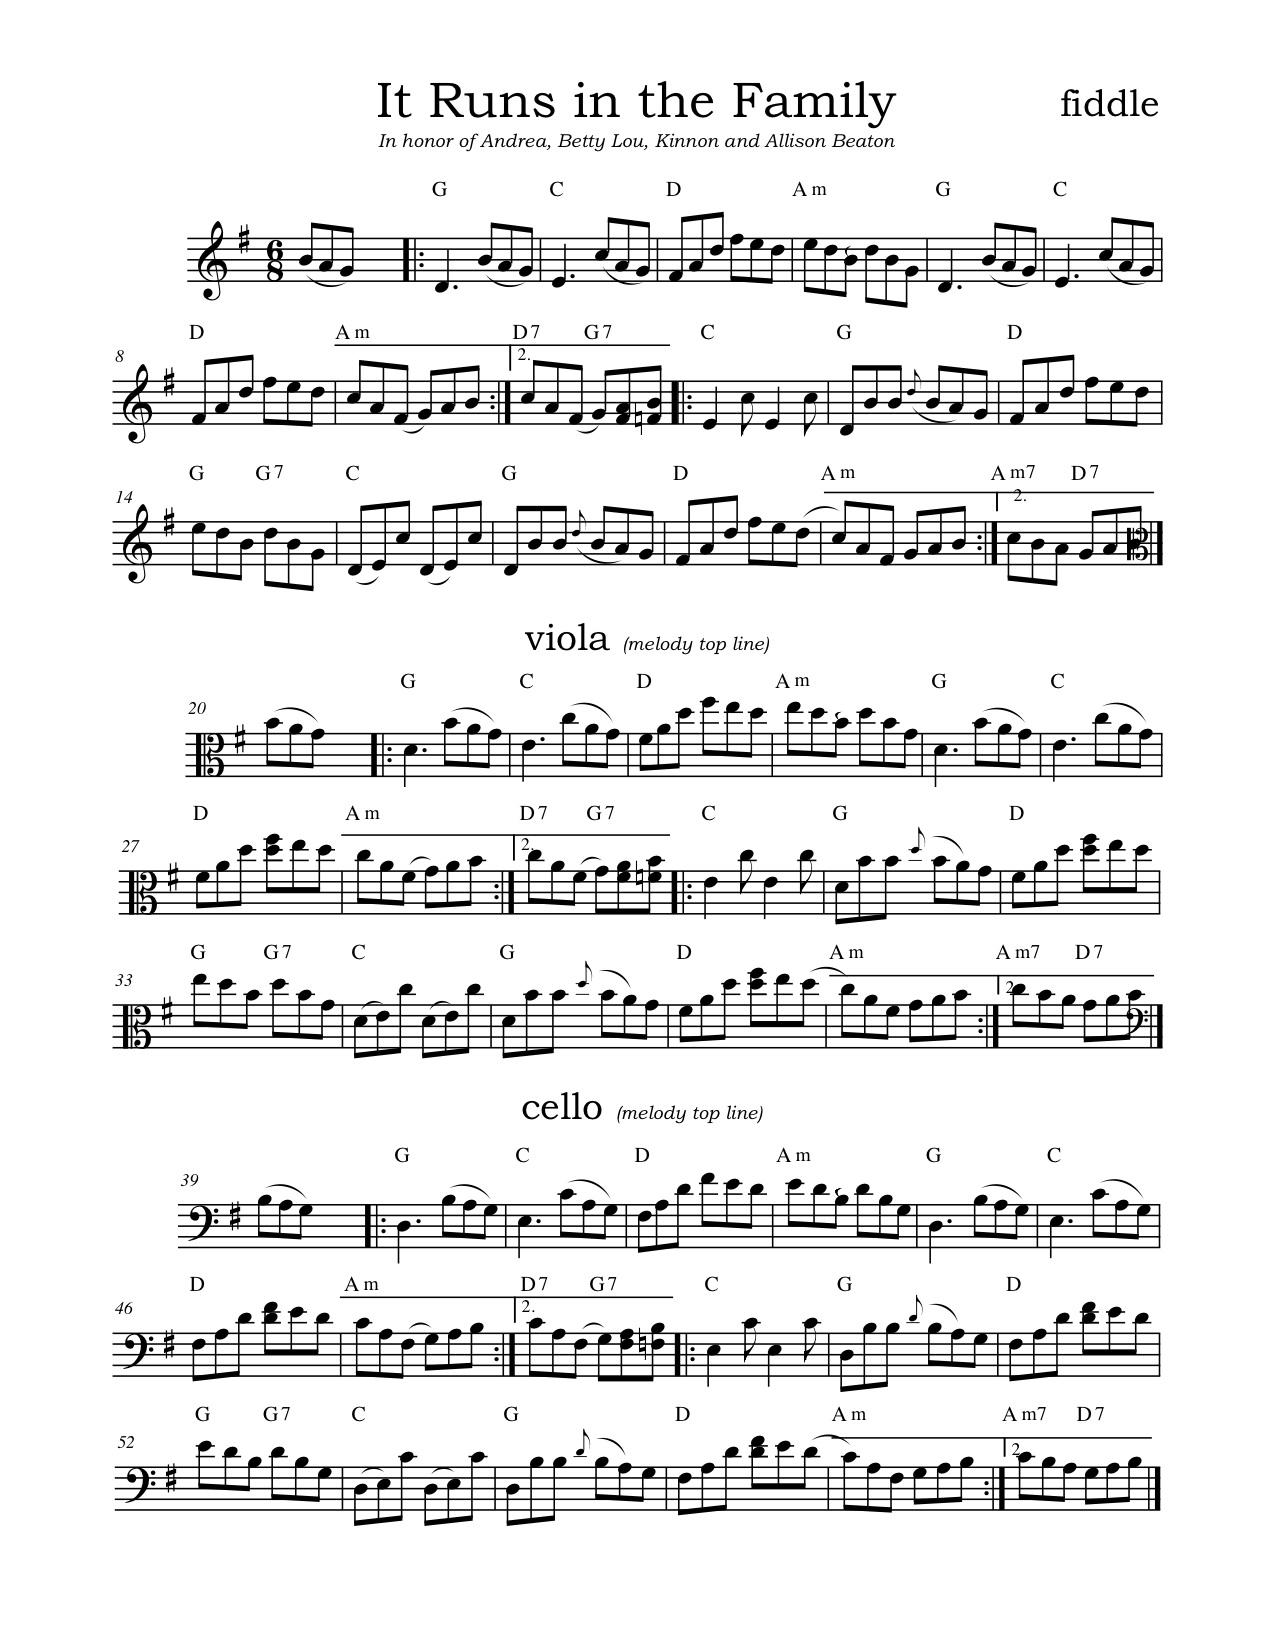 2019 Fiddle Tunes Festival repertoire